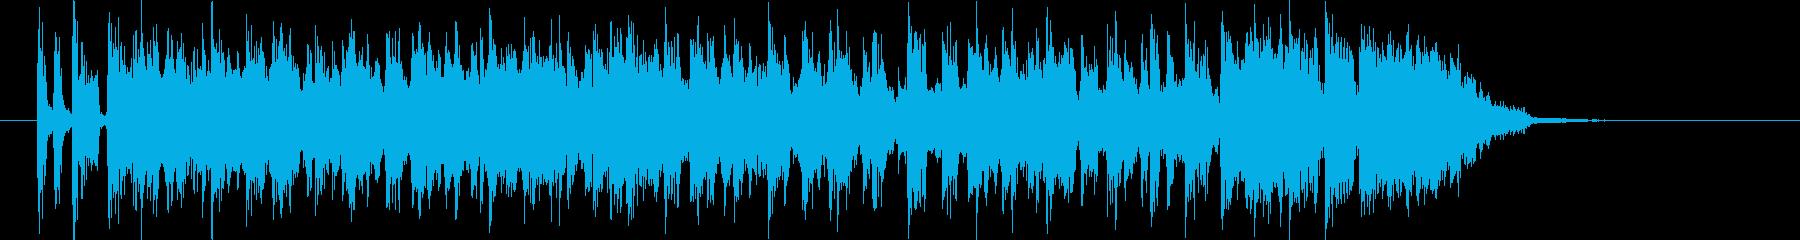 スピード感のあるワクワクするポップの再生済みの波形